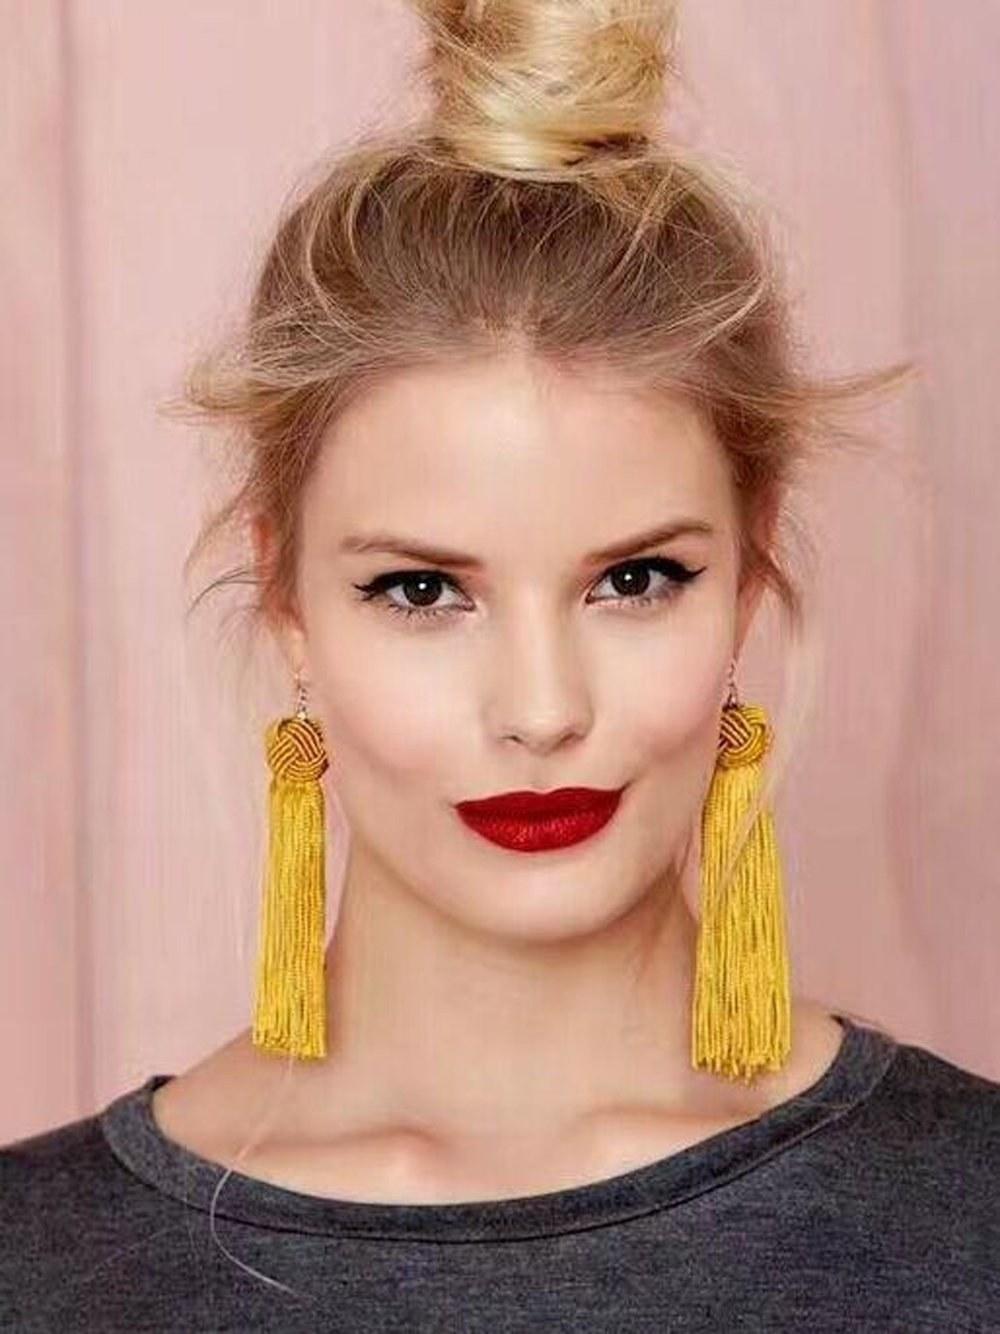 A model wearing the earrings in yellow